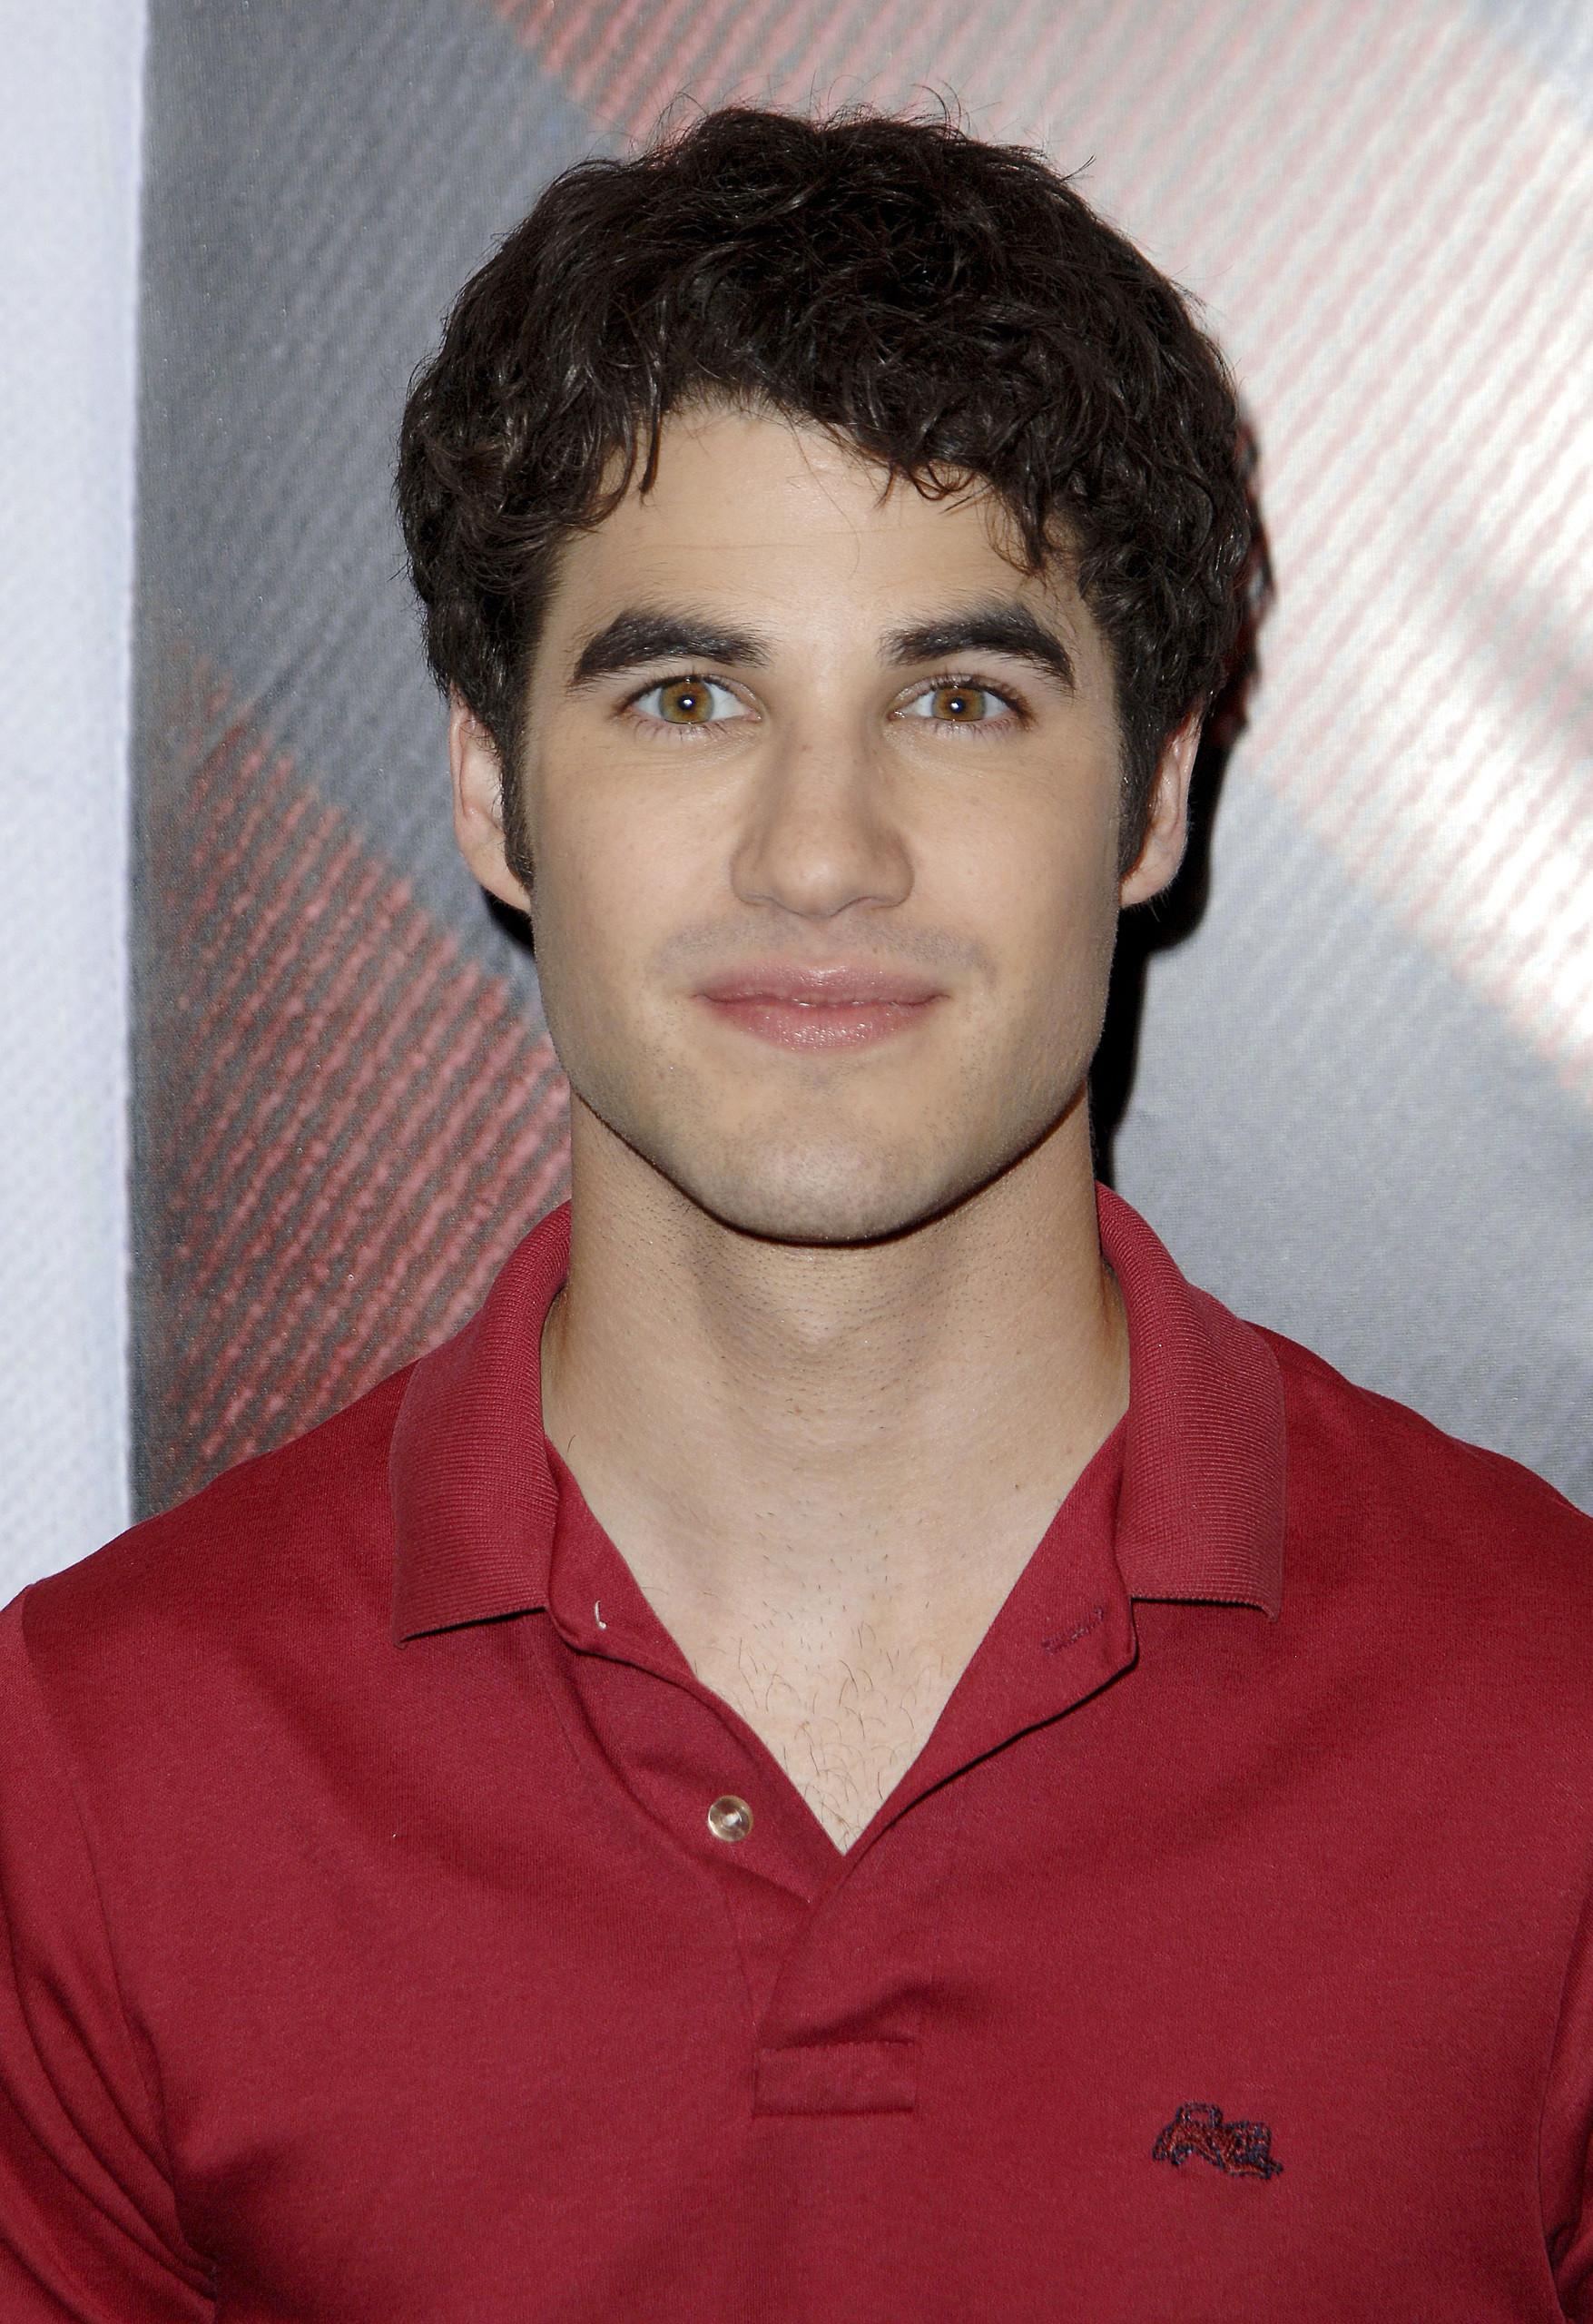 Darren_2